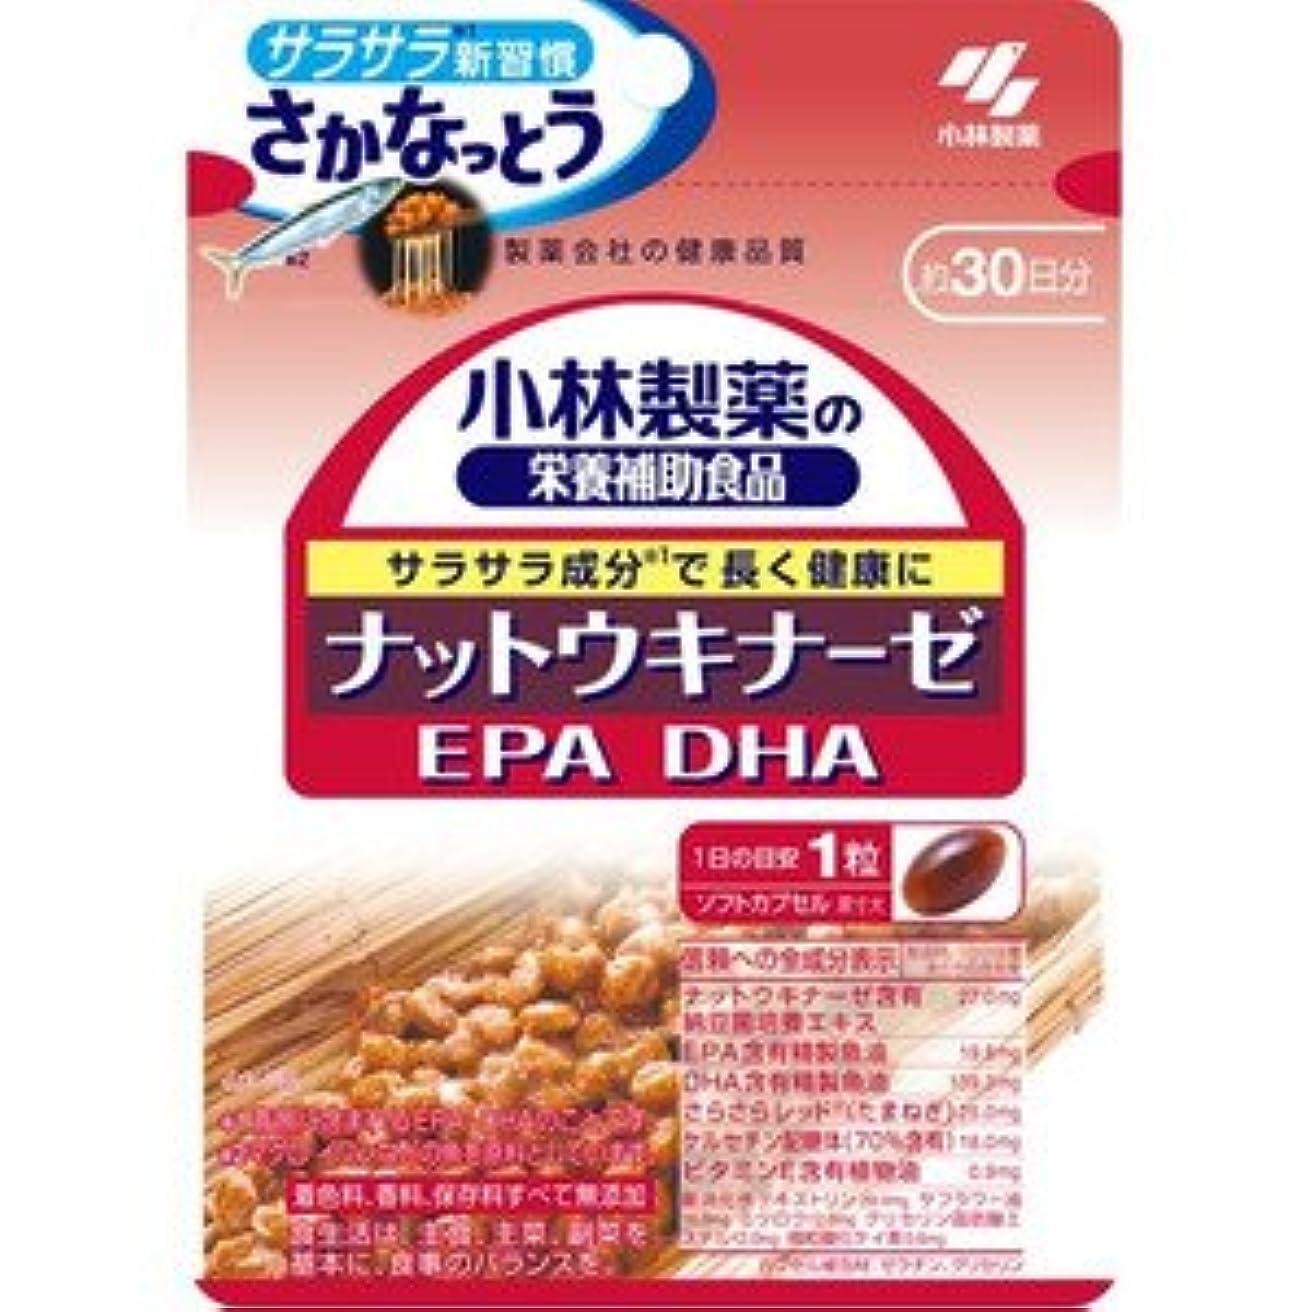 有料所有者効率【小林製薬】ナットウキナーゼ (EPA/DHA) 30粒(お買い得3個セット)